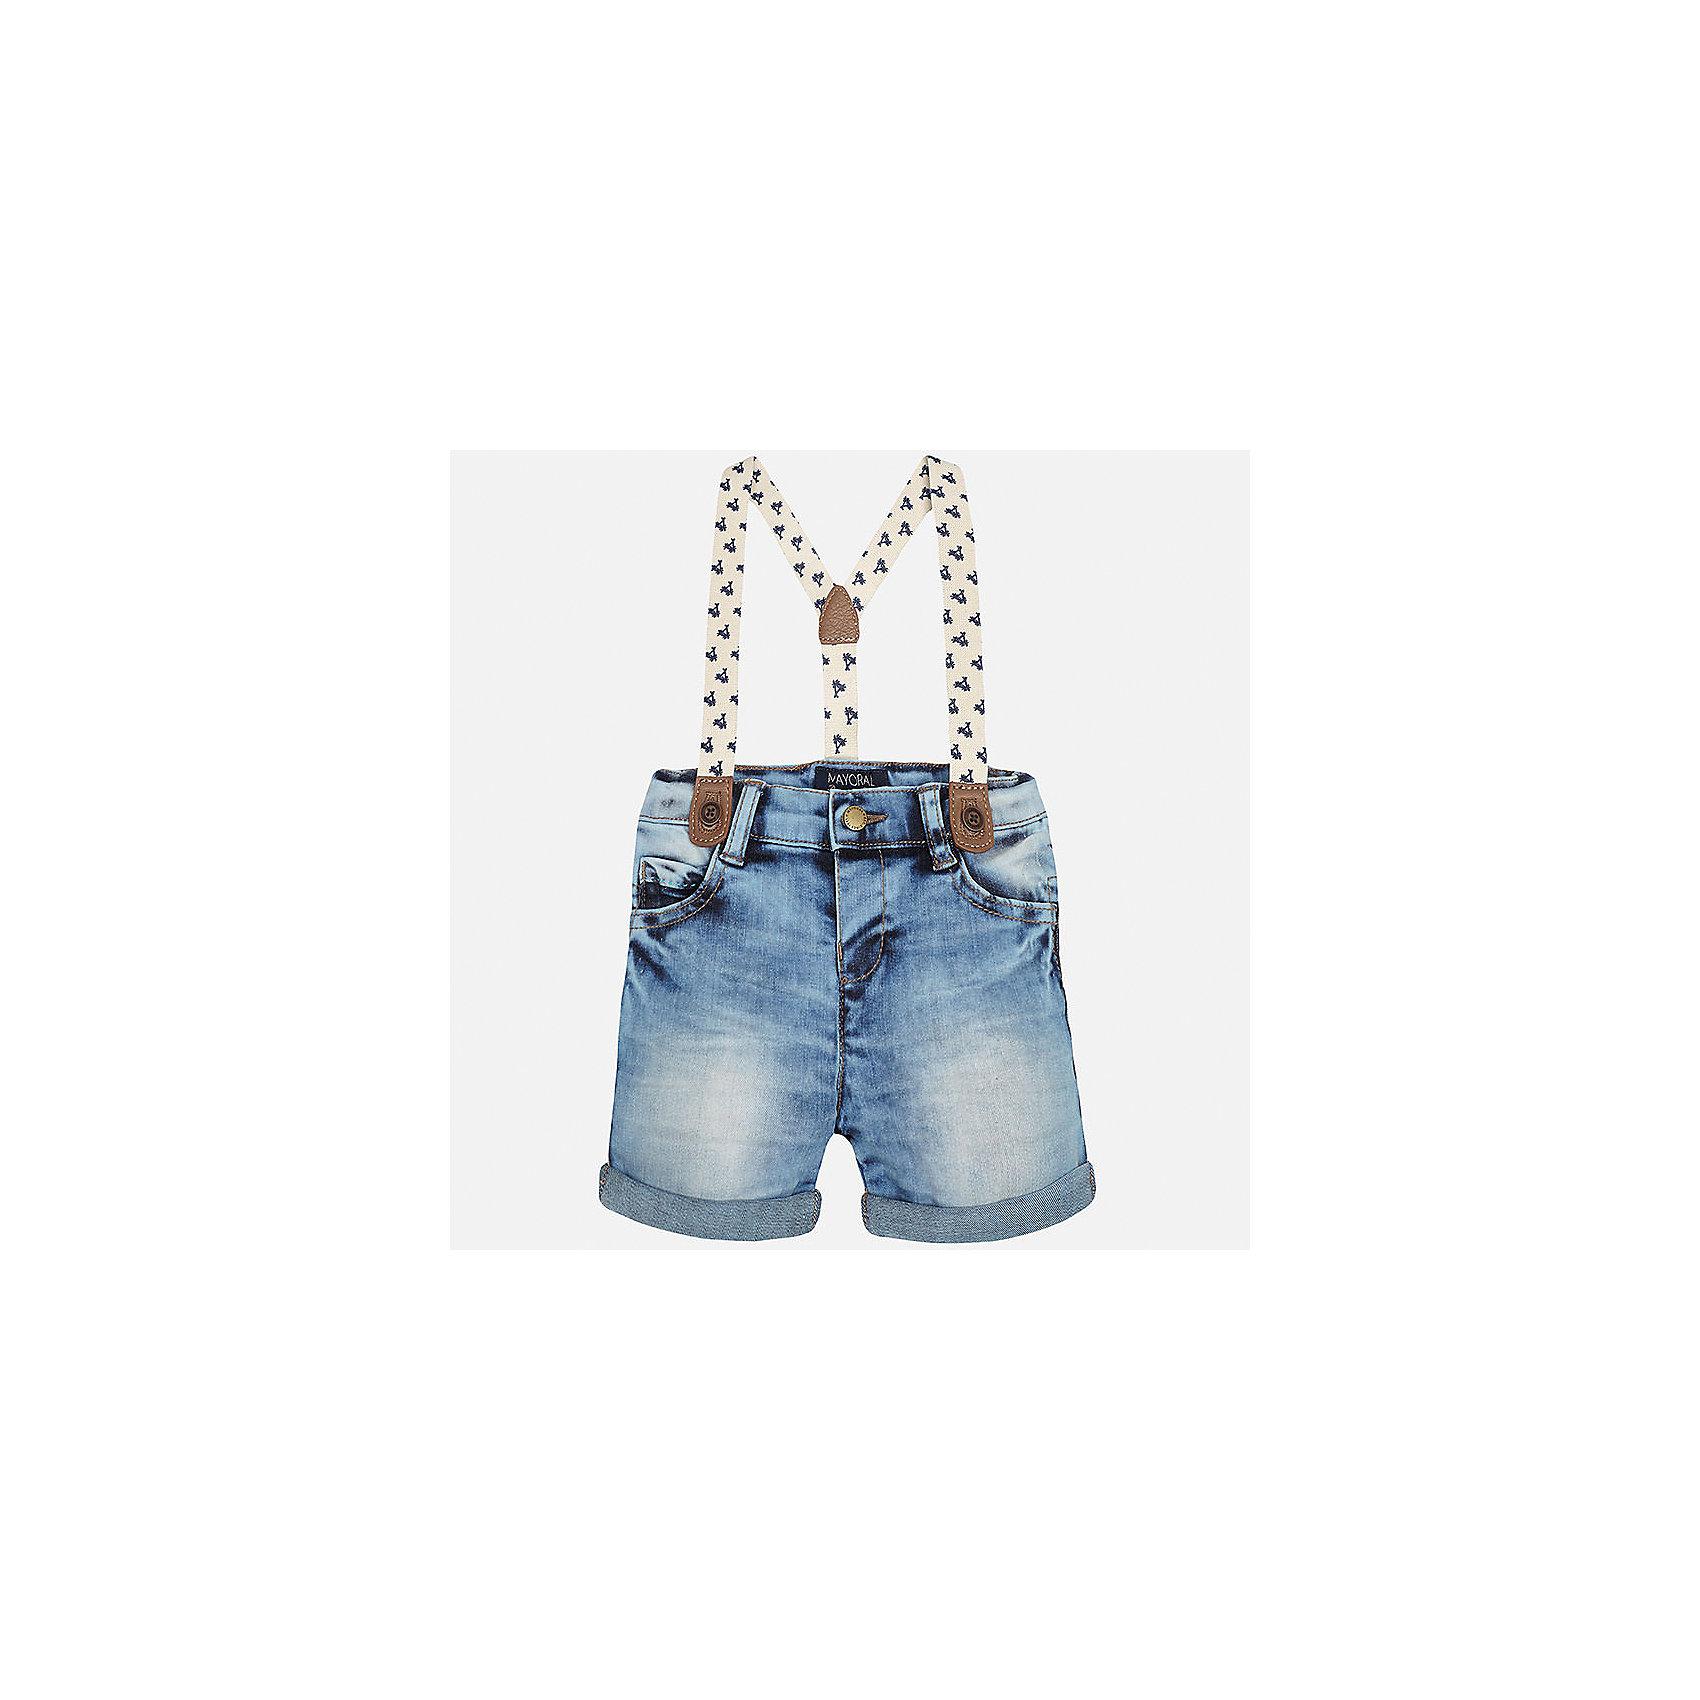 Бриджи джинсовые для мальчика MayoralДжинсовая одежда<br>Характеристики товара:<br><br>• цвет: голубой<br>• состав: 76% хлопок, 22% полиэстер, 2% эластан<br>• подтяжки в комплекте<br>• шлевки<br>• карманы<br>• пояс с регулировкой объема<br>• эффект потертости<br>• страна бренда: Испания<br><br>Модные бриджи для мальчика смогут стать базовой вещью в гардеробе ребенка. Они отлично сочетаются с майками, футболками, рубашками и т.д. Универсальный крой и цвет позволяет подобрать к вещи верх разных расцветок. Практичное и стильное изделие! В составе материала - натуральный хлопок, гипоаллергенный, приятный на ощупь, дышащий.<br><br>Одежда, обувь и аксессуары от испанского бренда Mayoral полюбились детям и взрослым по всему миру. Модели этой марки - стильные и удобные. Для их производства используются только безопасные, качественные материалы и фурнитура. Порадуйте ребенка модными и красивыми вещами от Mayoral! <br><br>Бриджи для мальчика от испанского бренда Mayoral (Майорал) можно купить в нашем интернет-магазине.<br><br>Ширина мм: 191<br>Глубина мм: 10<br>Высота мм: 175<br>Вес г: 273<br>Цвет: синий<br>Возраст от месяцев: 12<br>Возраст до месяцев: 15<br>Пол: Мужской<br>Возраст: Детский<br>Размер: 80,92,86<br>SKU: 5279519